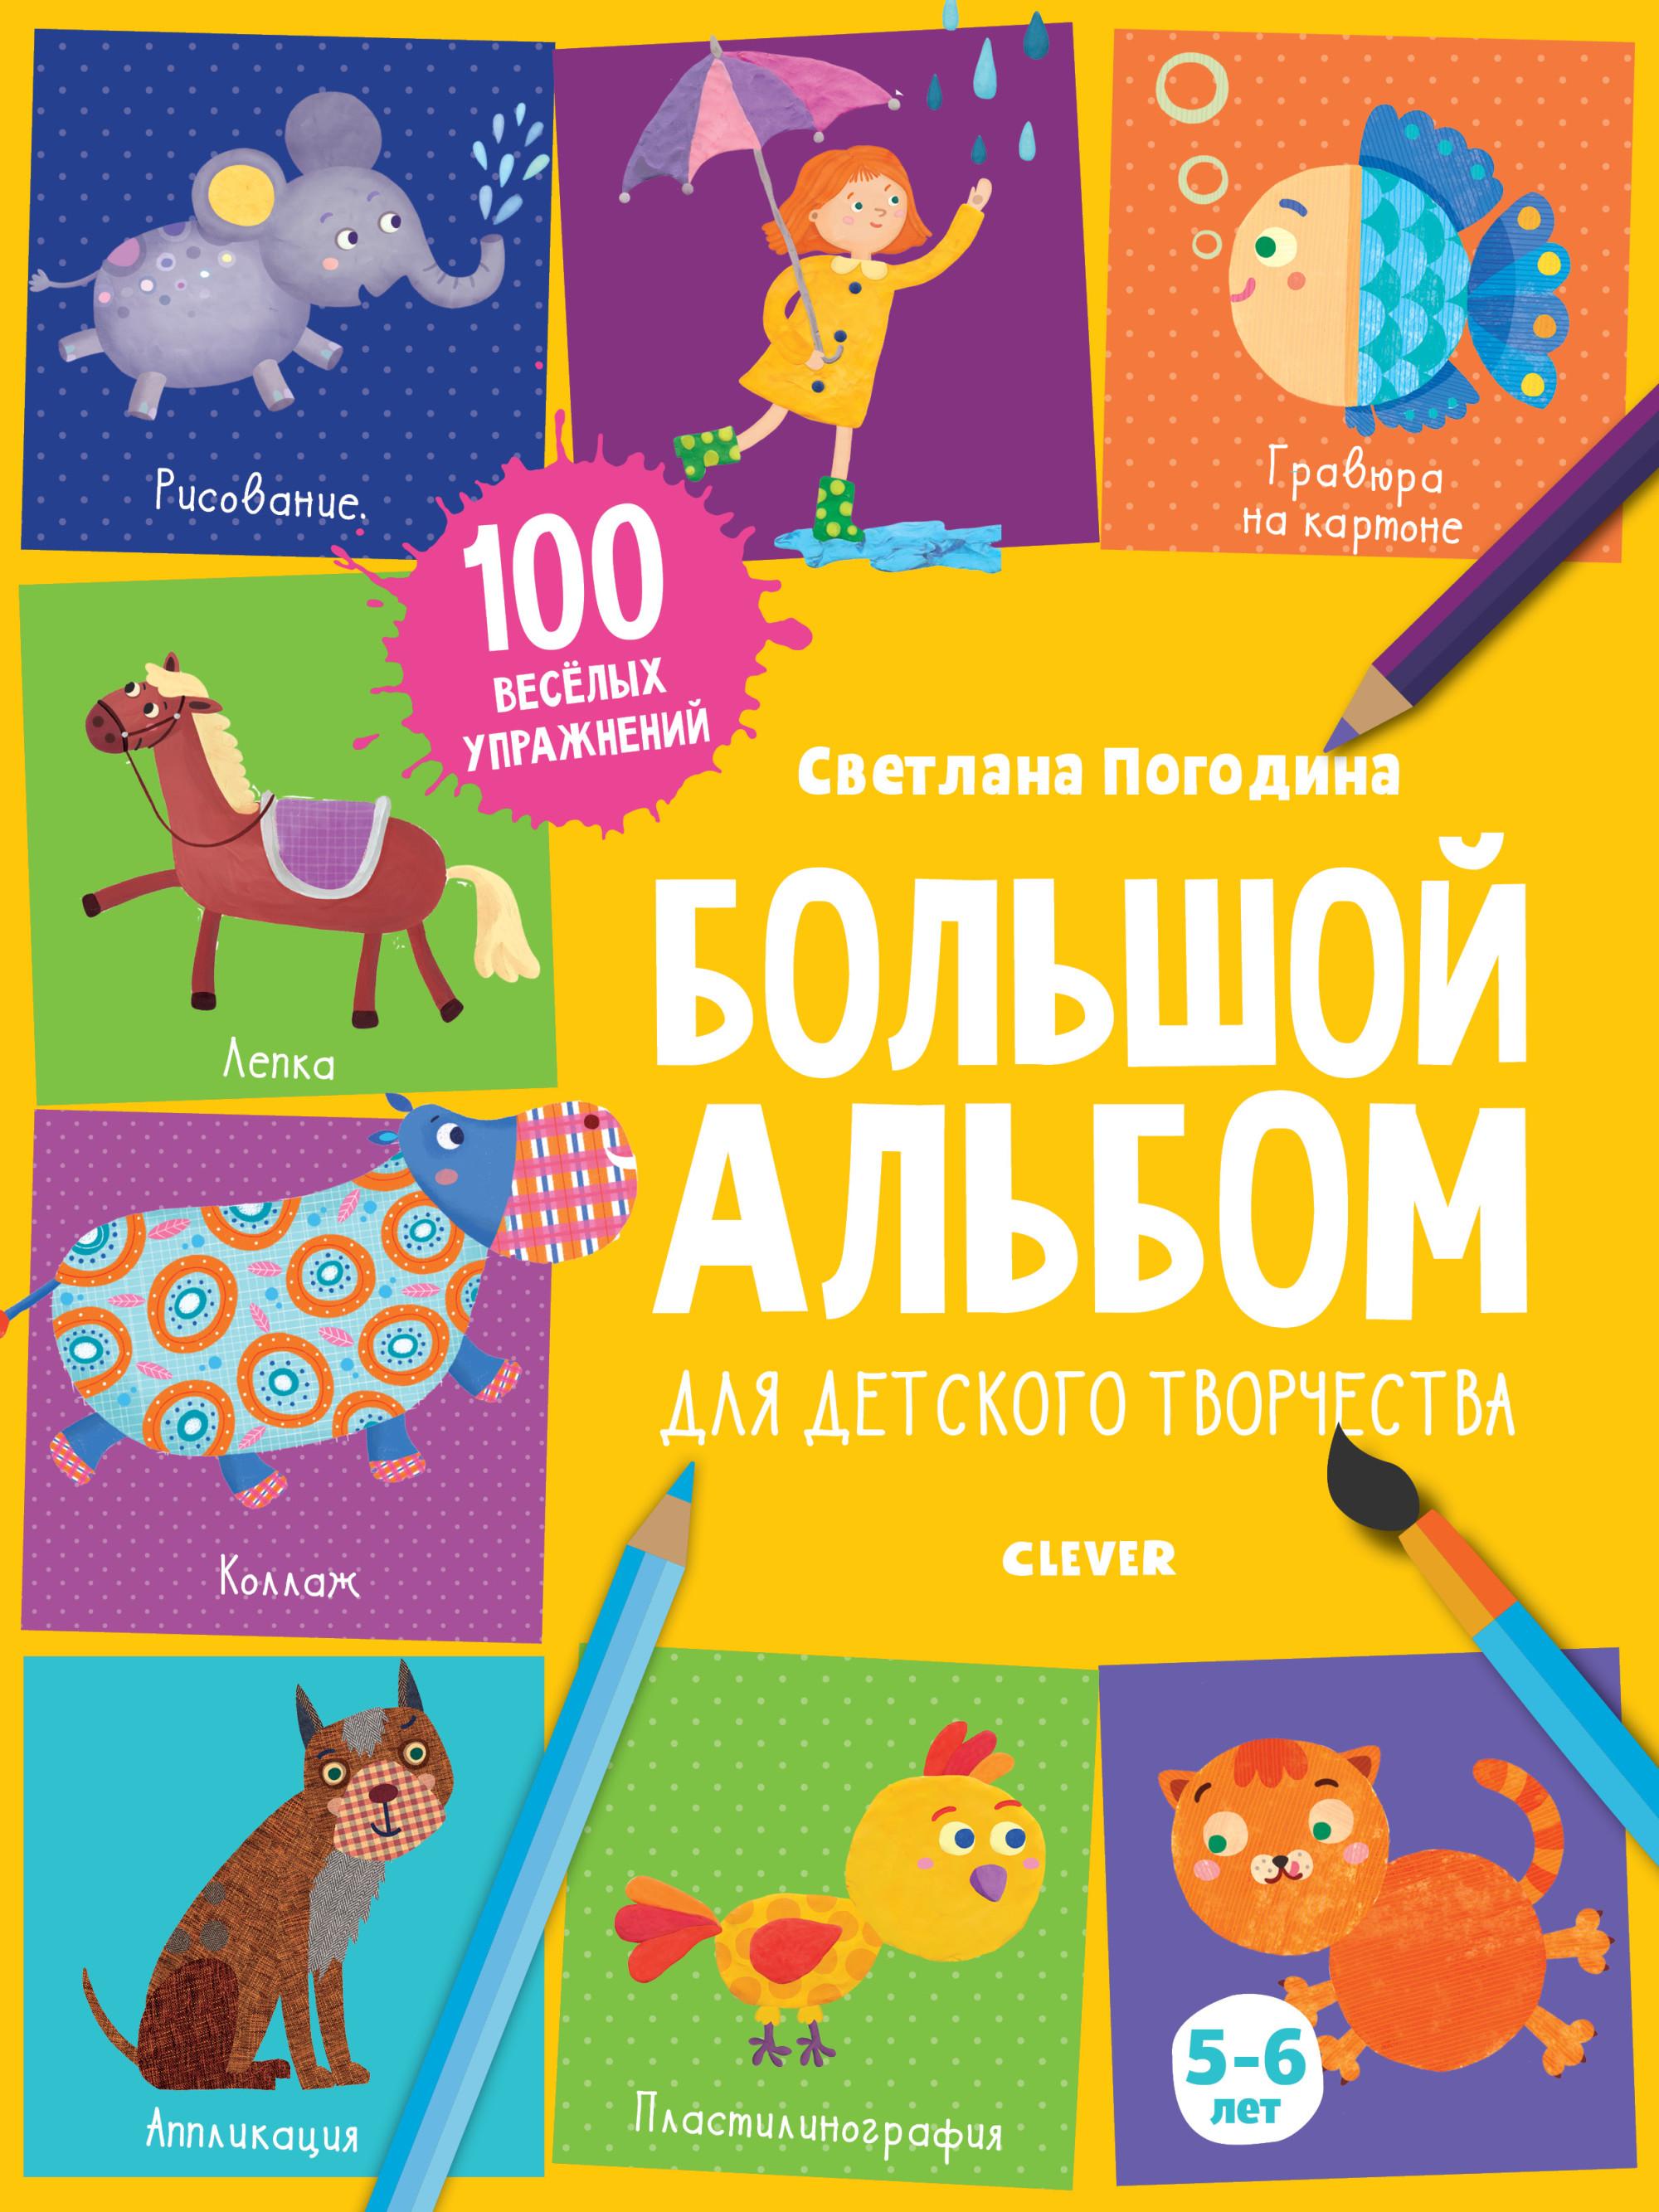 Погодина С. Большой альбом для детского творчества. 5-6 лет 6